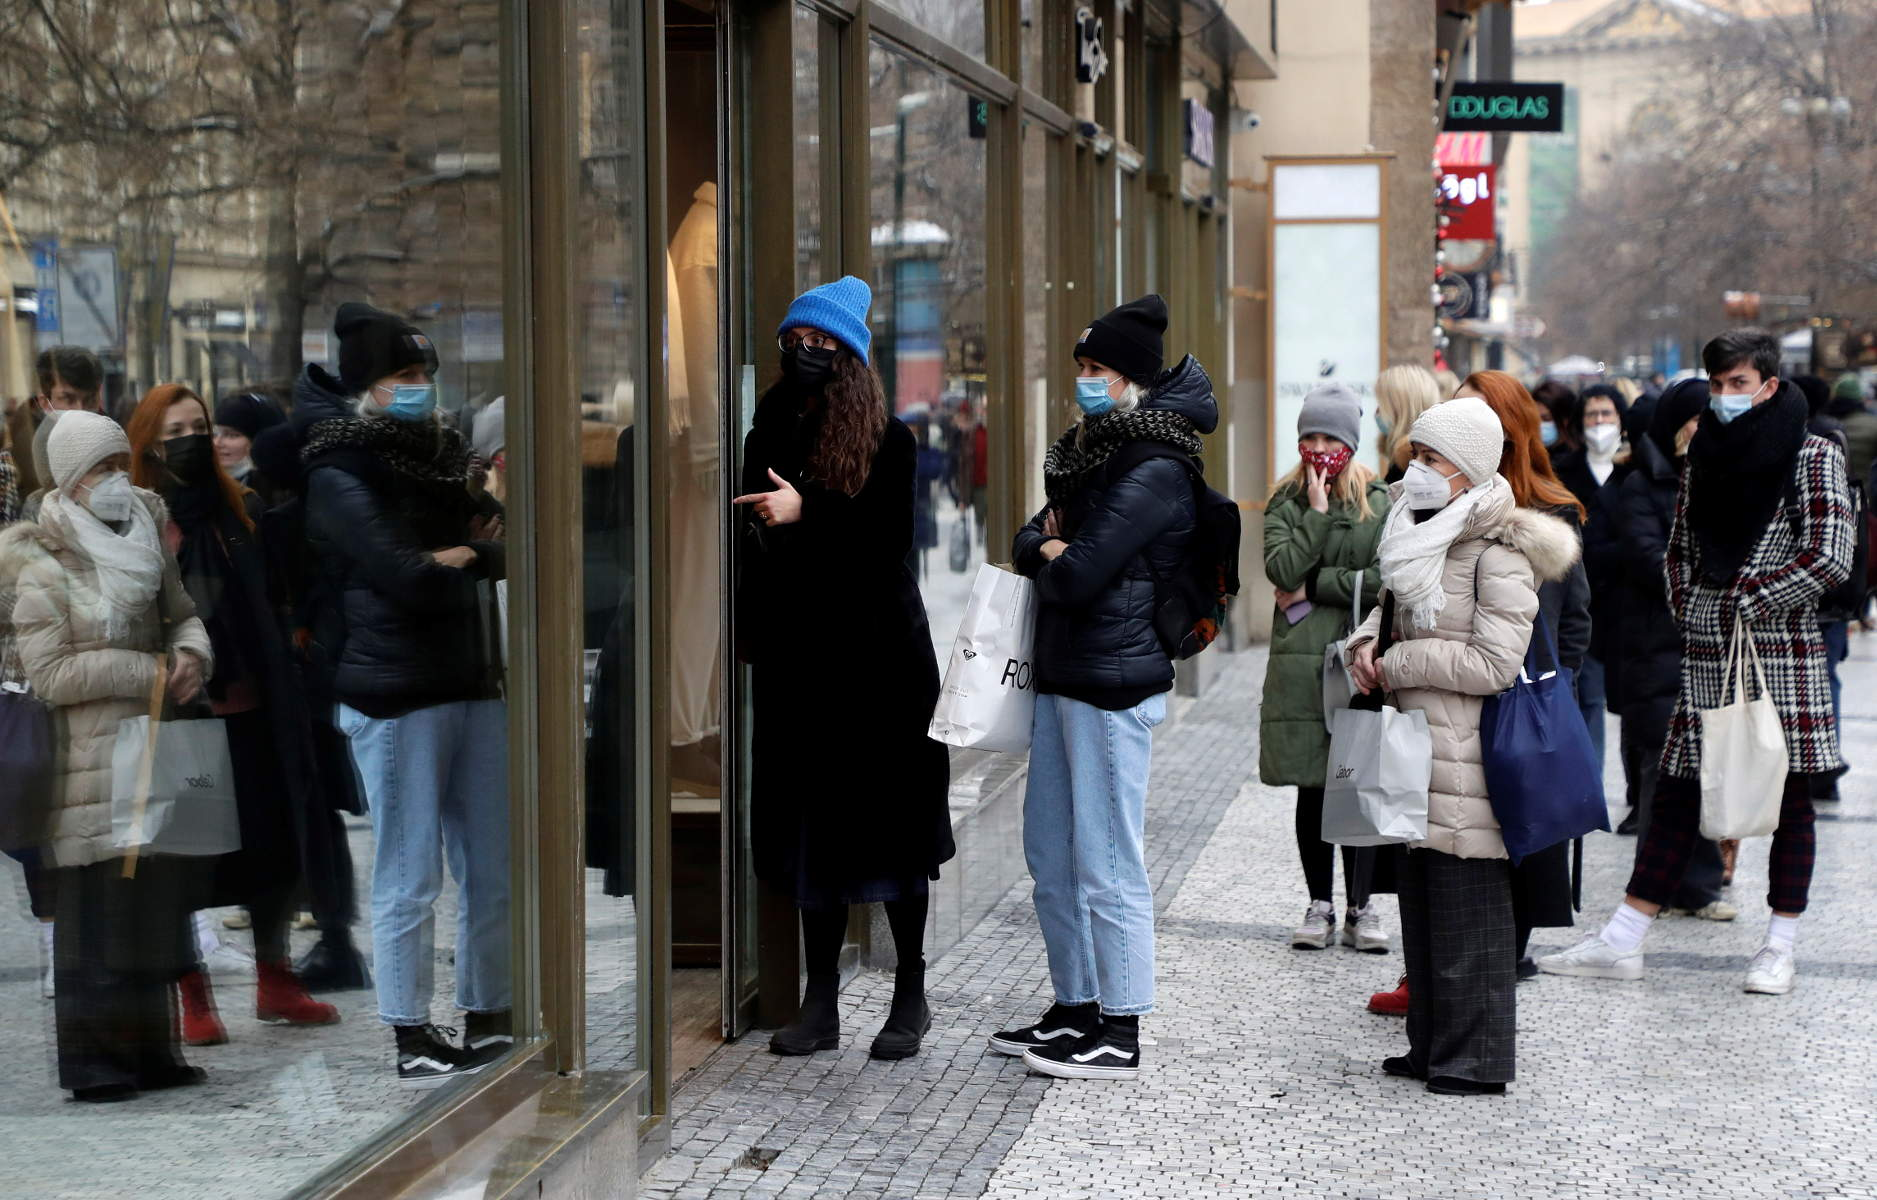 Κορονοϊός: Άνοιξαν και πάλι μετά τον Οκτώβριο εστιατόρια και καταστήματα στην Τσεχία